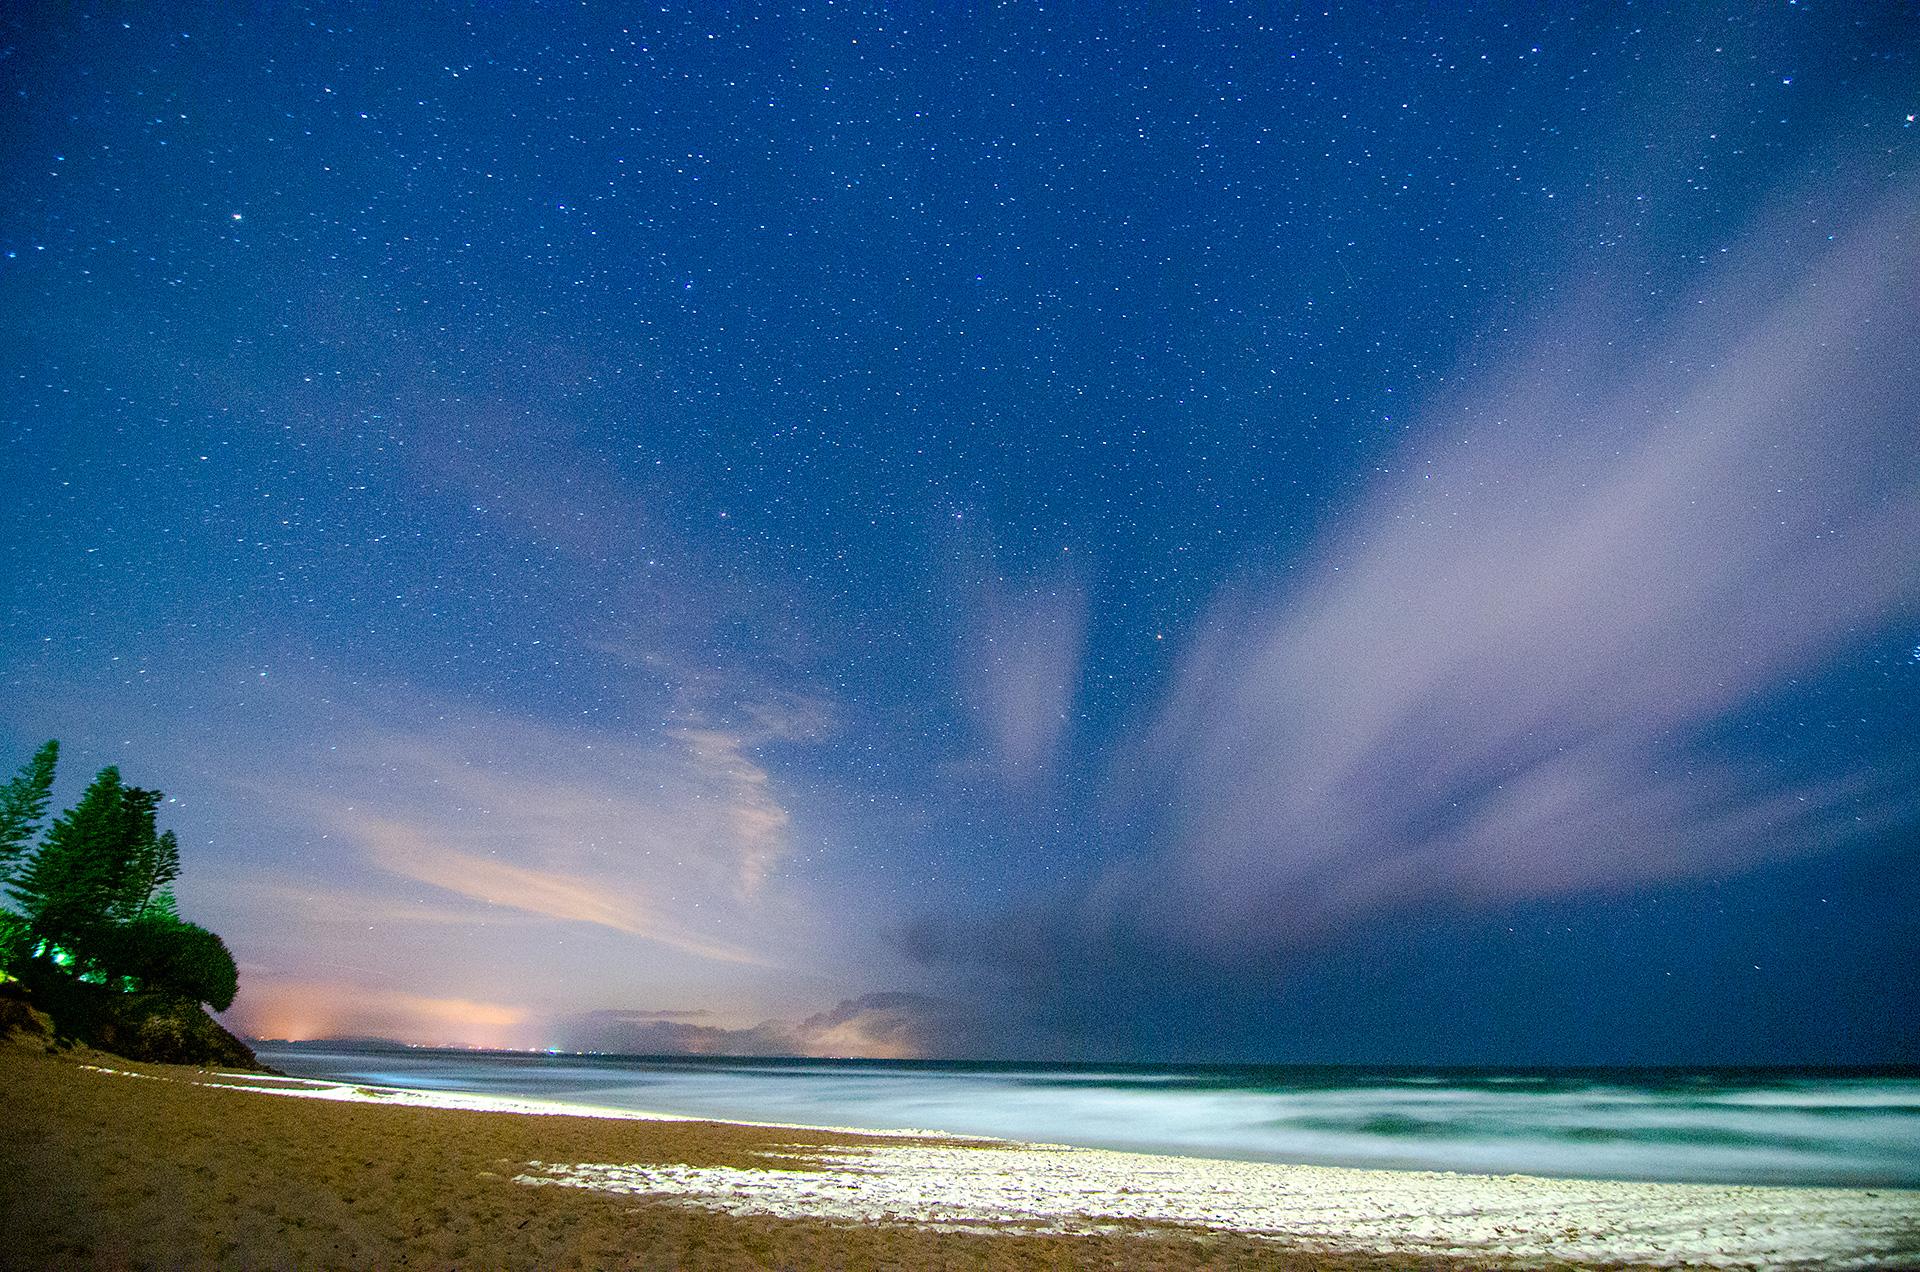 Belongil Beach Night Sky Download Full Resolution 1920x1272 1546KB 13597